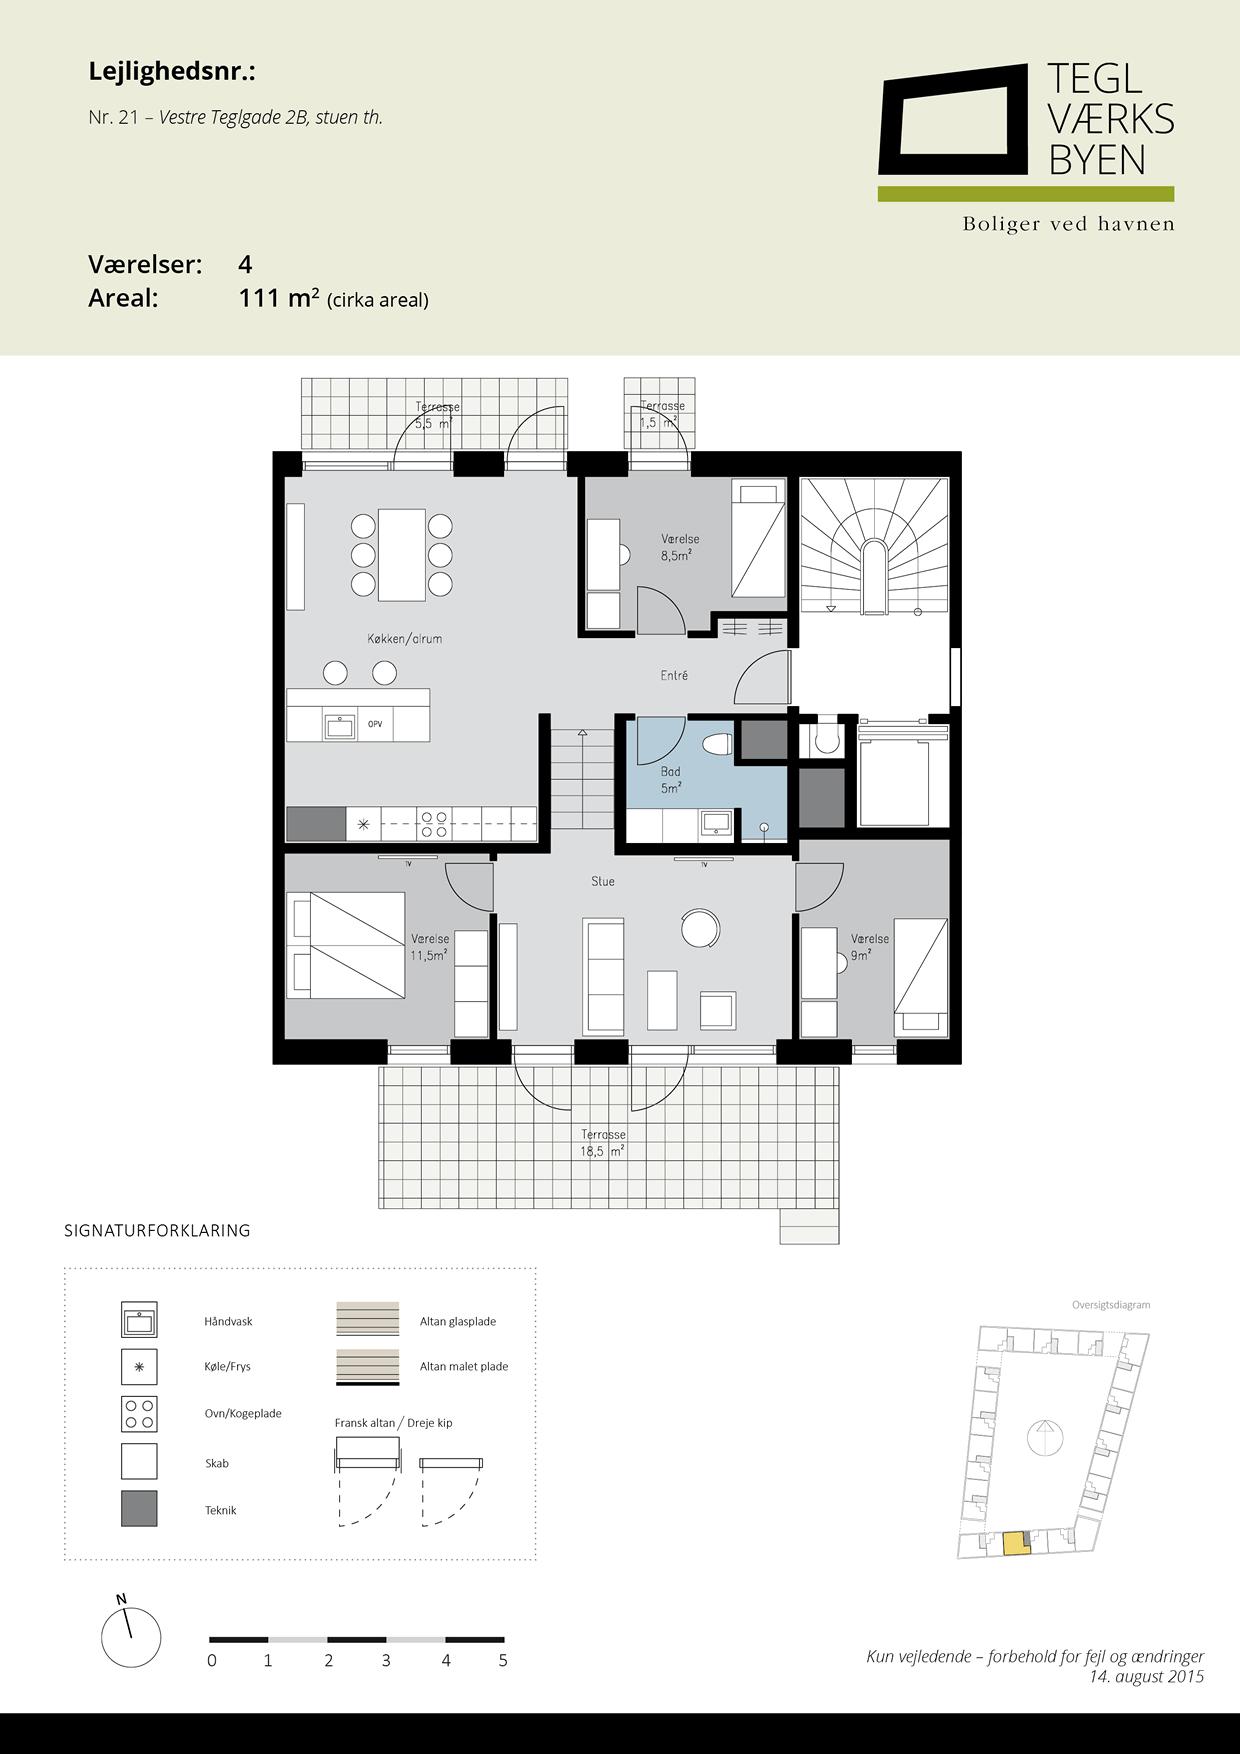 Teglvaerksbyen_21_plan